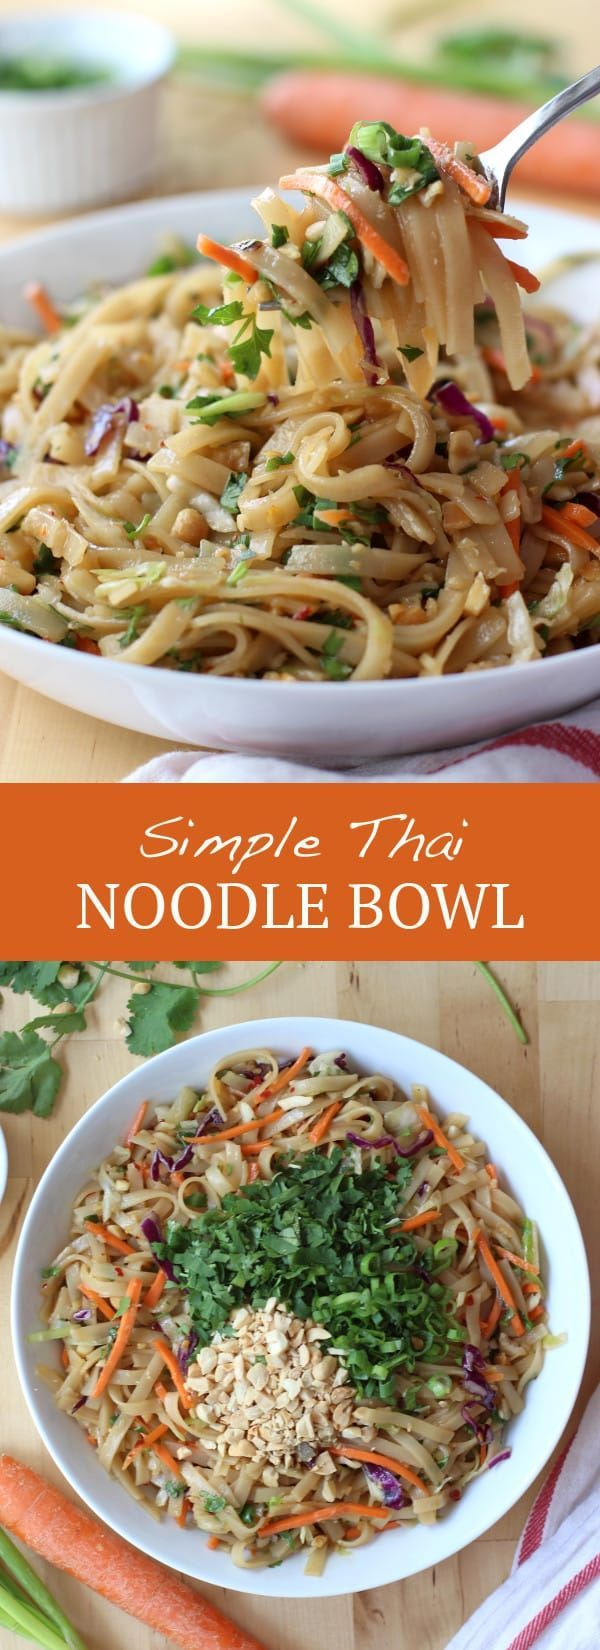 Simple Thai Noodle Bowl – Super einfaches Nudelg…